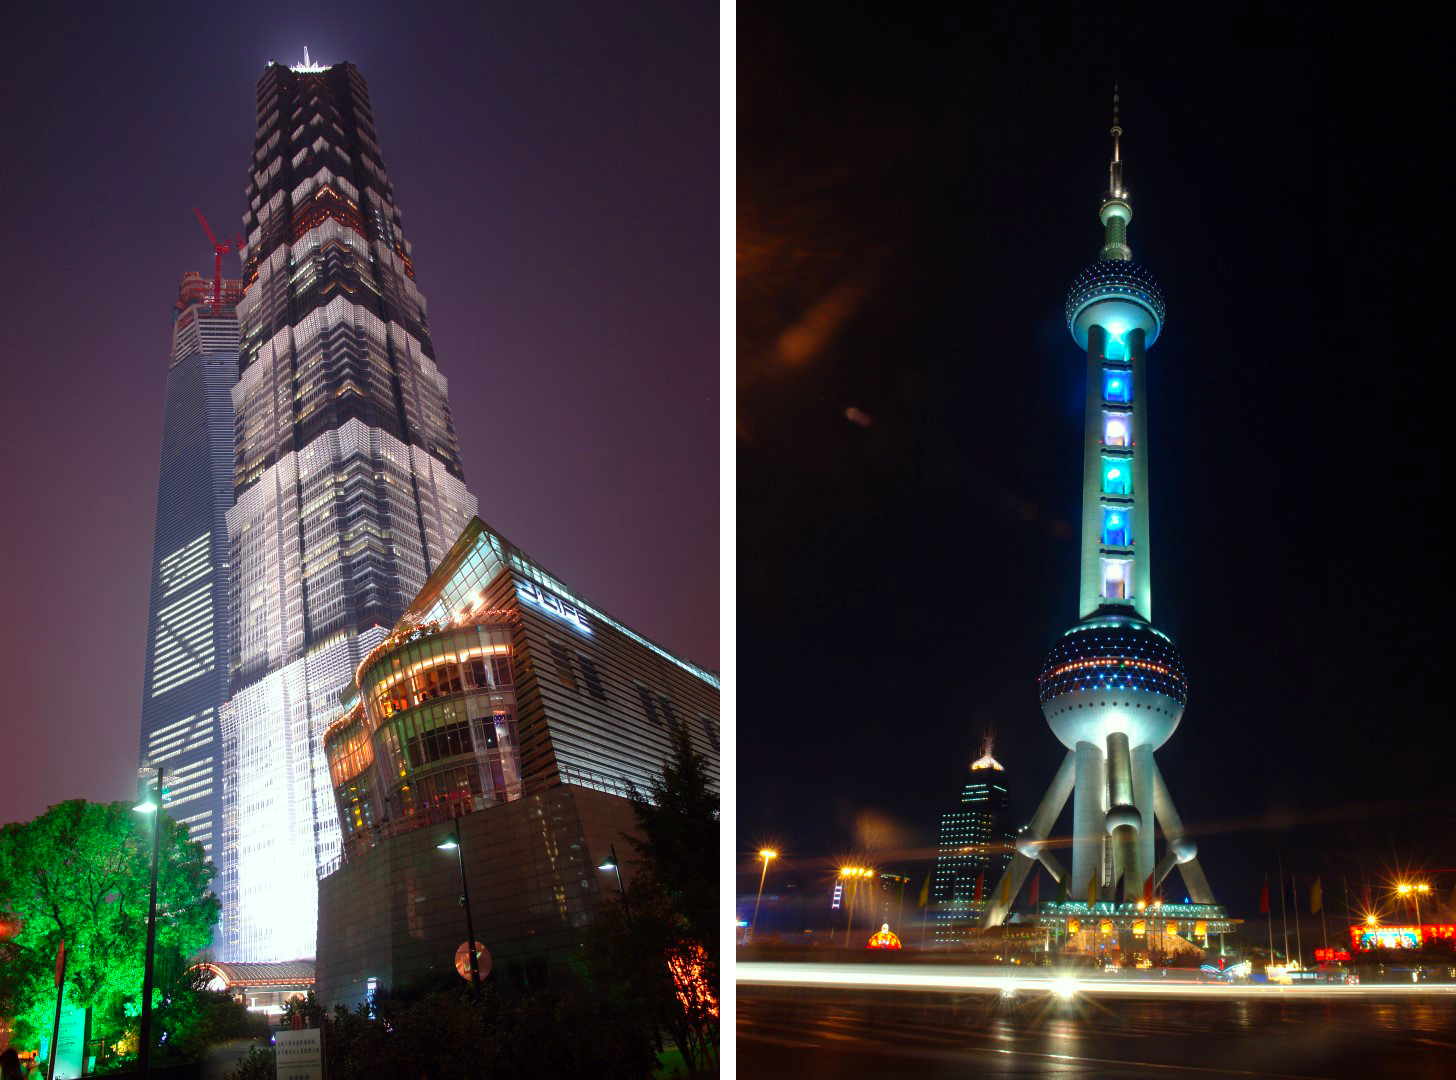 qué ver en Shanghai, China qué ver en shanghai - 32179272740 3d5bf15f3b o - Qué ver en Shanghai, China